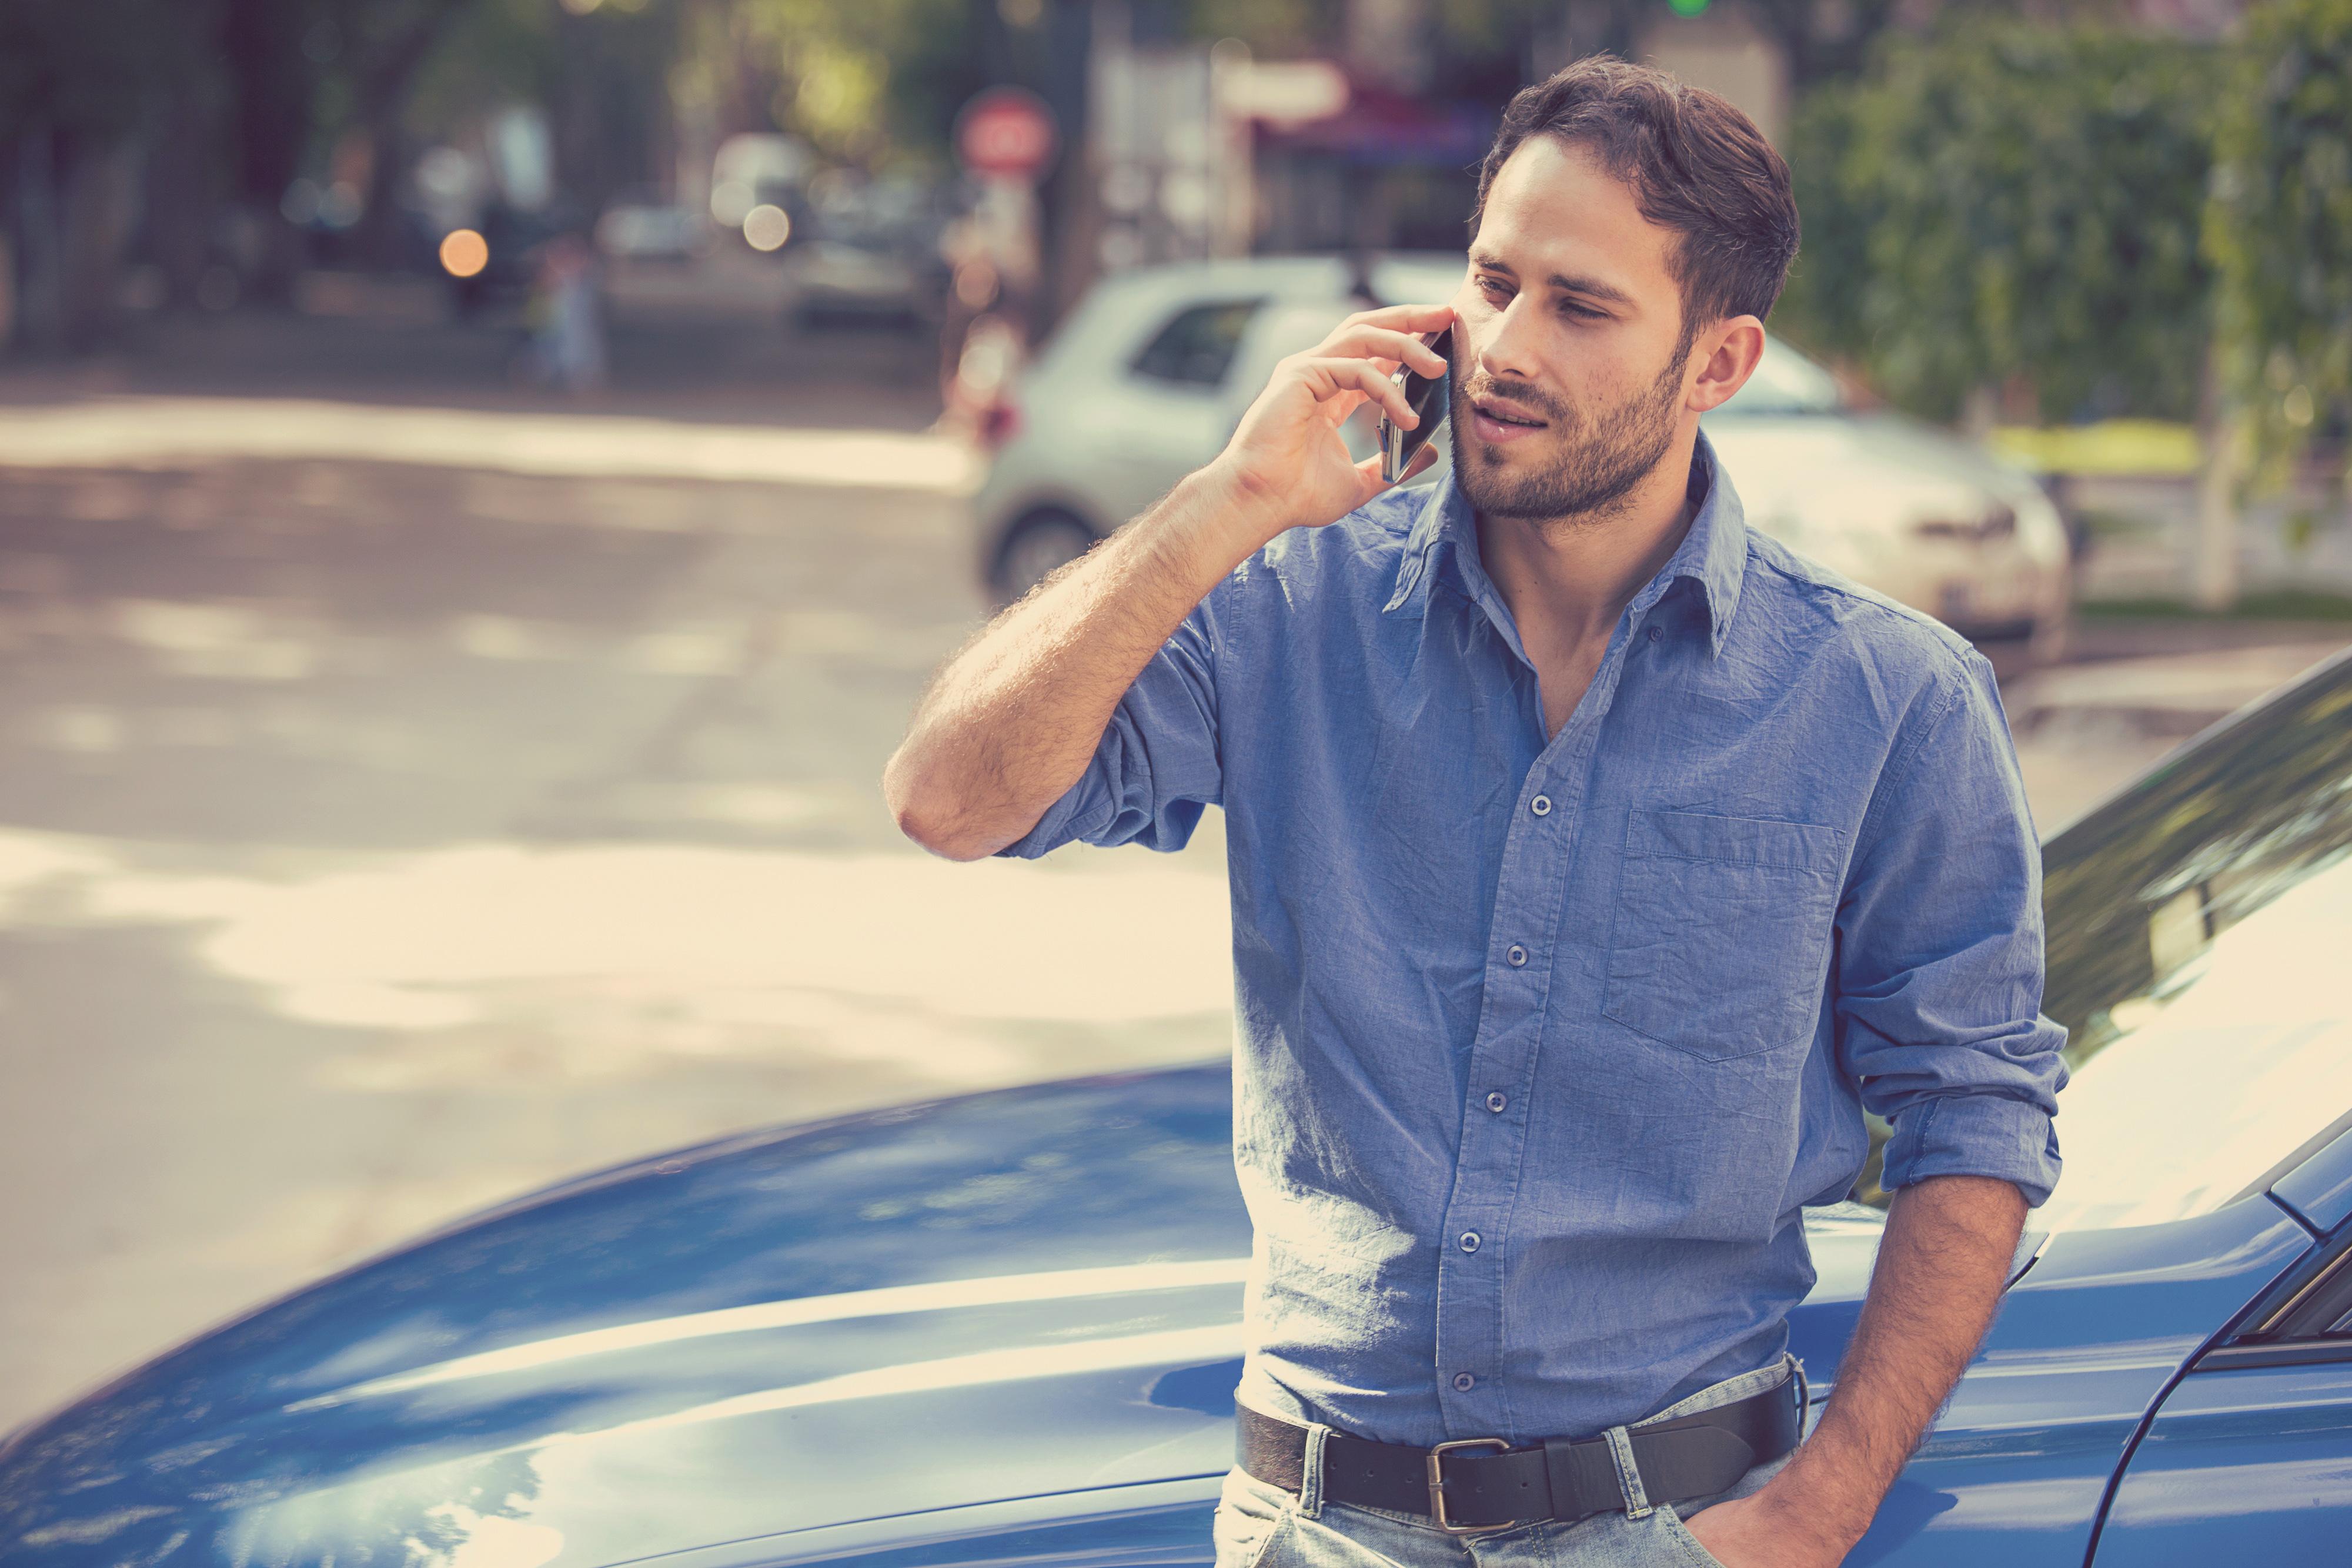 Junger Mann telefoniert mit seinem Handy an sein Auto gelehnt